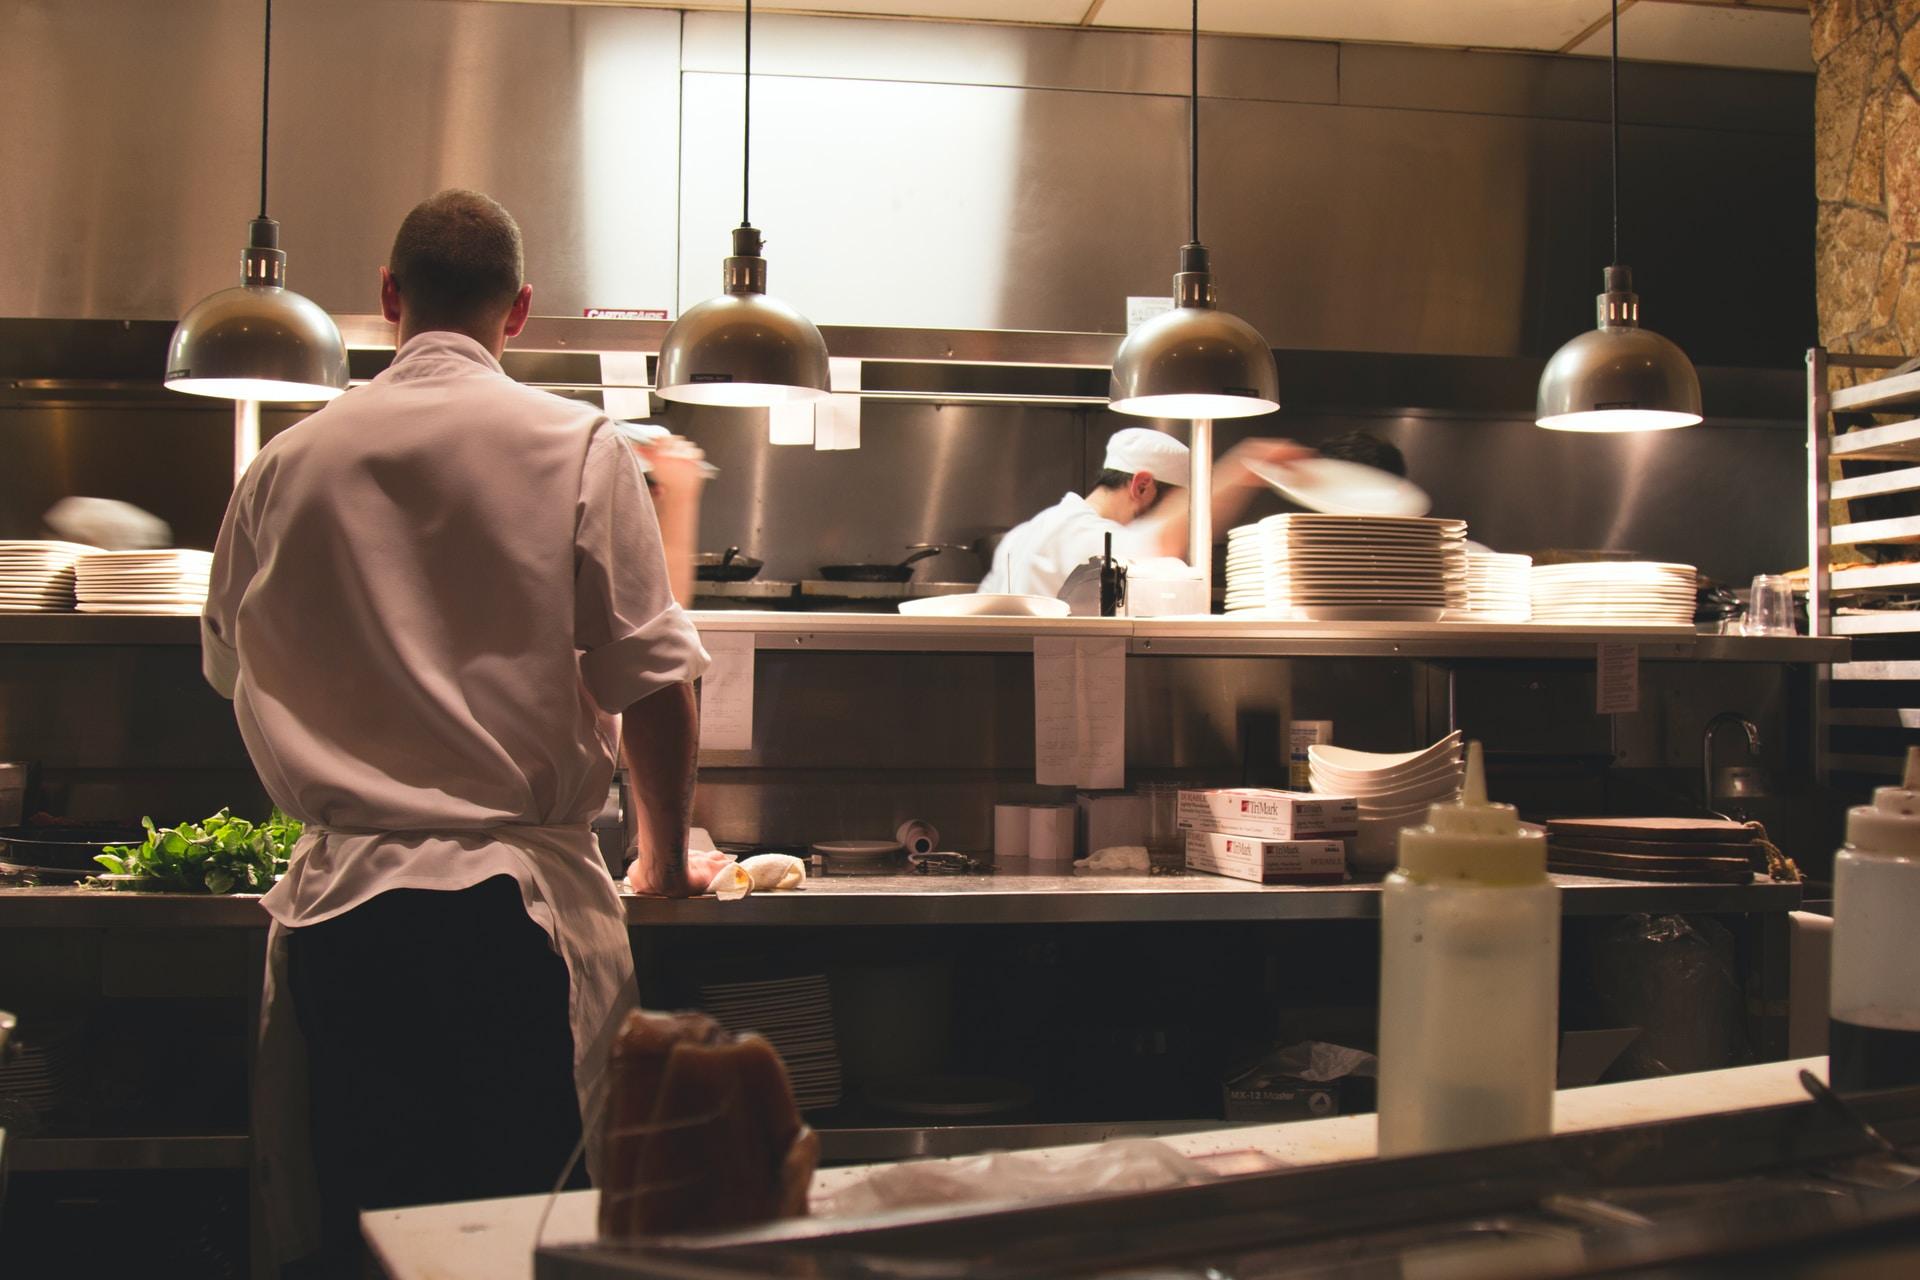 Η κουζίνα στον χώρο της δεξίωσης